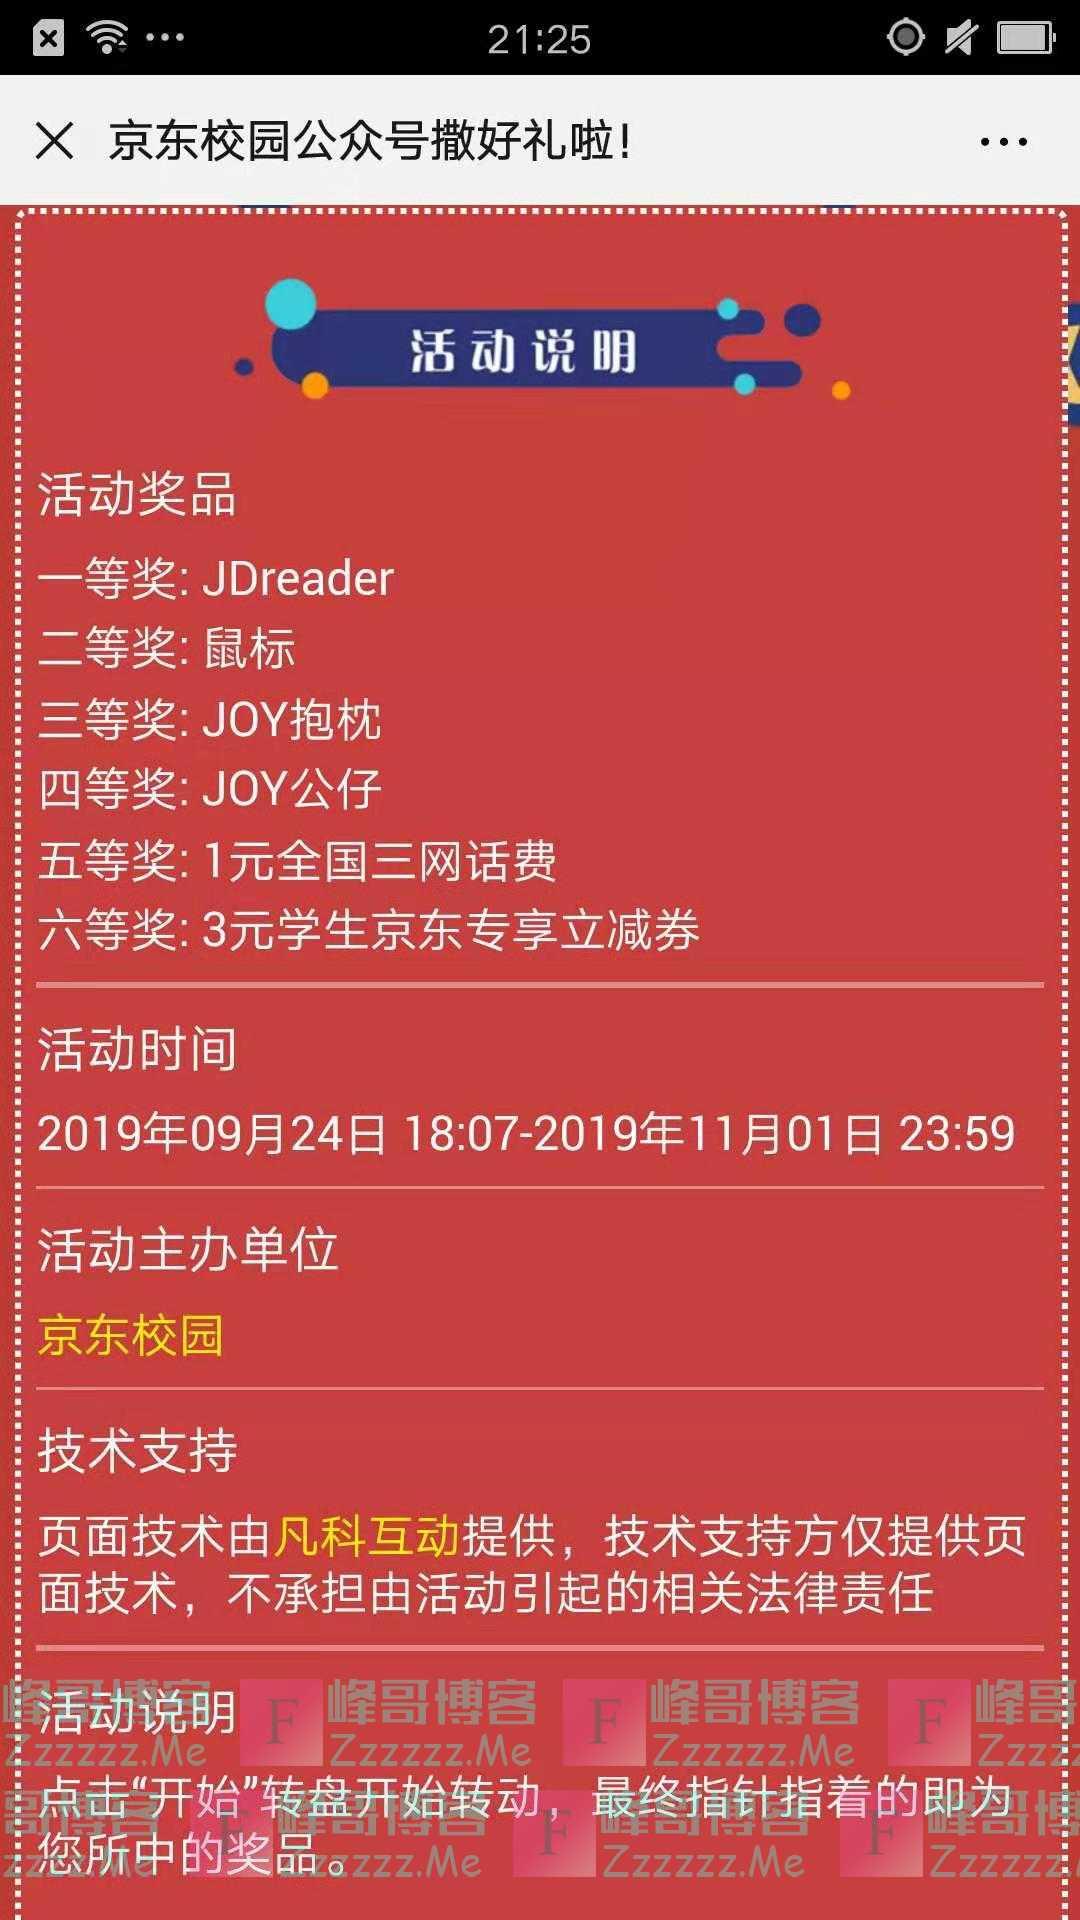 京东校园幸运大转盘(截止11月1日)